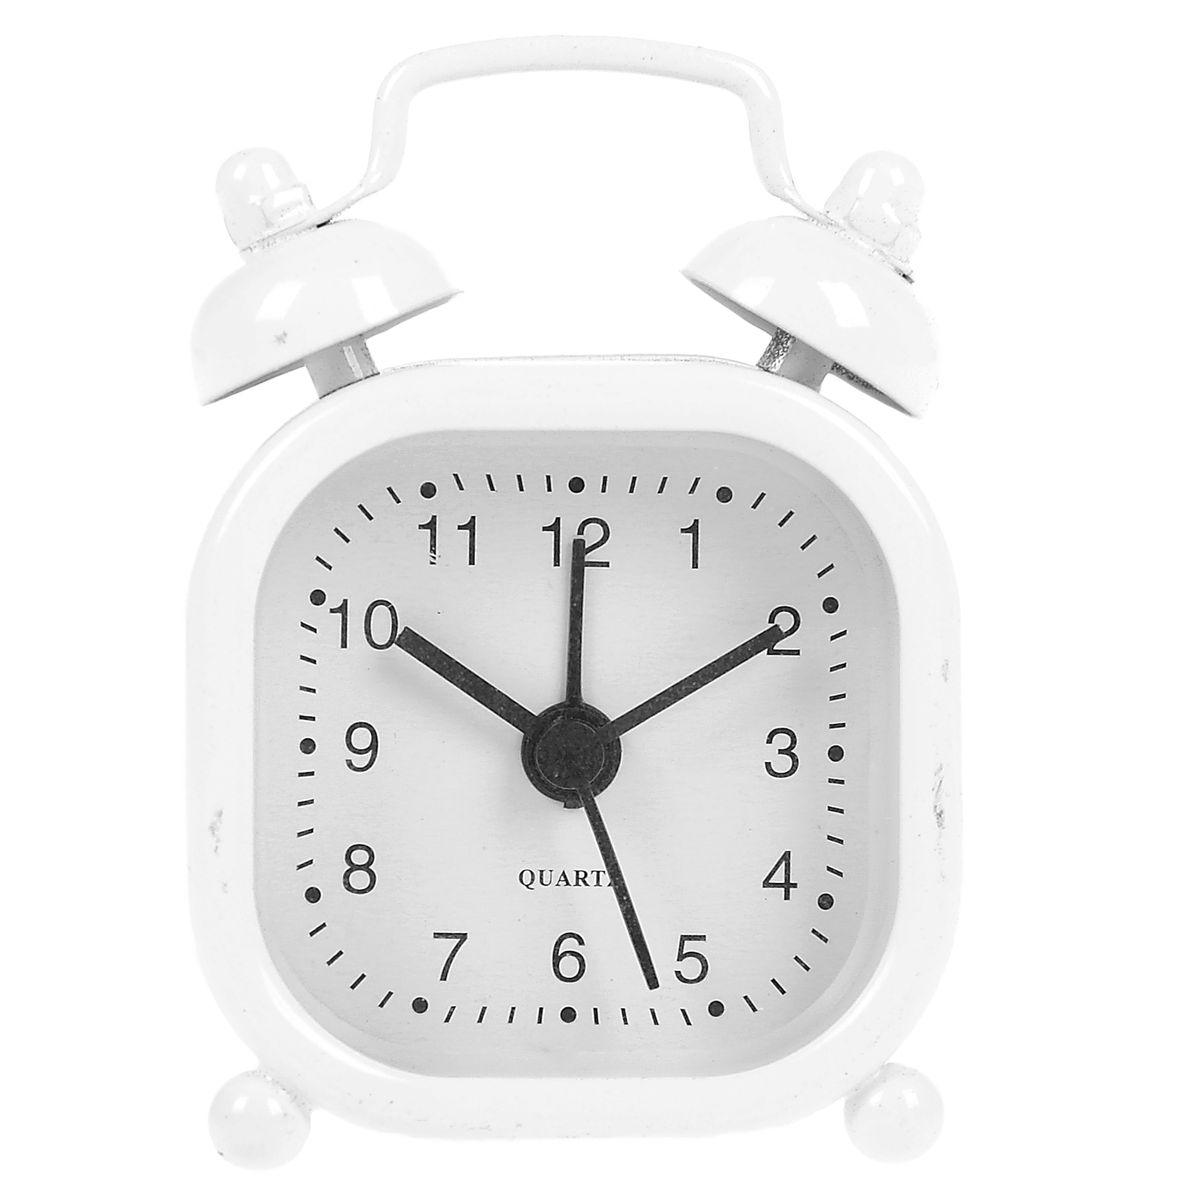 Часы-будильник Sima-land, цвет: белый. 840949MRC 4142 schwarzКак же сложно иногда вставать вовремя! Всегда так хочется поспать еще хотя бы 5 минут и бывает, что мы просыпаем. Теперь этого не случится! Яркий, оригинальный будильник Sima-land поможет вам всегда вставать в нужное время и успевать везде и всюду. Будильник украсит вашу комнату и приведет в восхищение друзей. Эта уменьшенная версия привычного будильника умещается на ладони и работает так же громко, как и привычные аналоги. Время показывает точно и будит в установленный час.На задней панели будильника расположены переключатель включения/выключения механизма, а также два колесика для настройки текущего времени и времени звонка будильника.Будильник работает от 1 батарейки типа LR44 (входит в комплект).